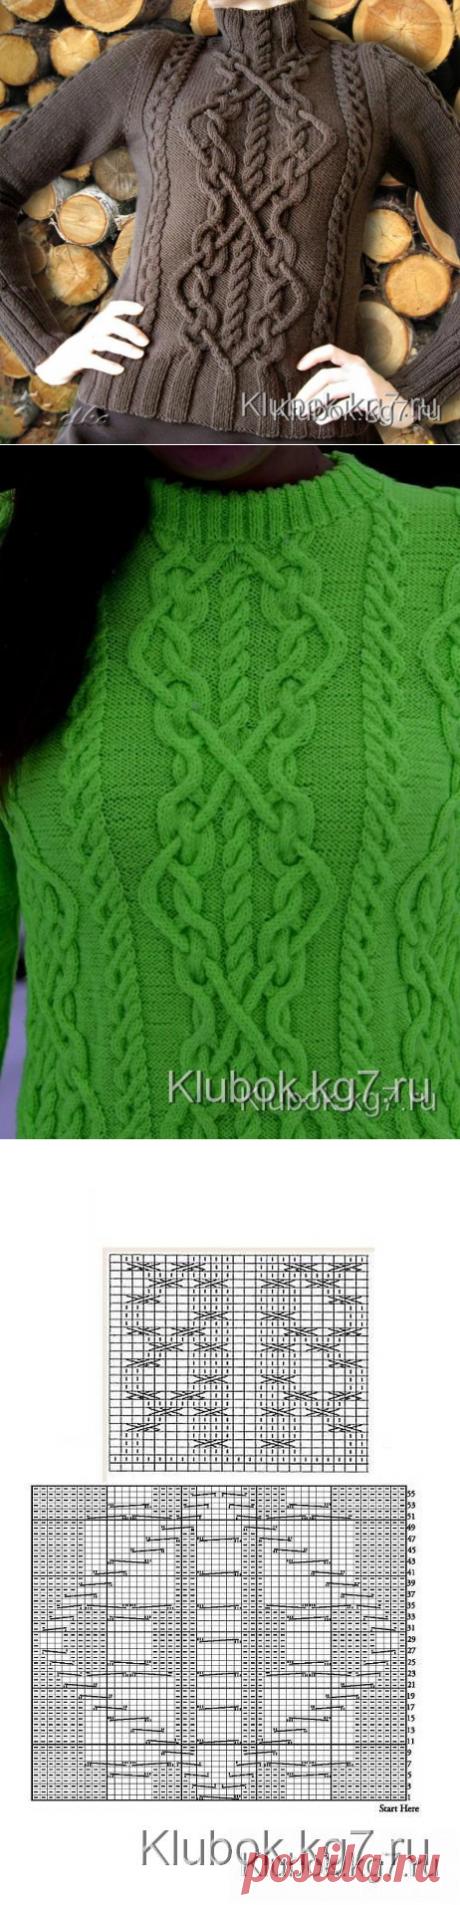 Кельтский узор. Автор: Екатерина Александрова | Клубок